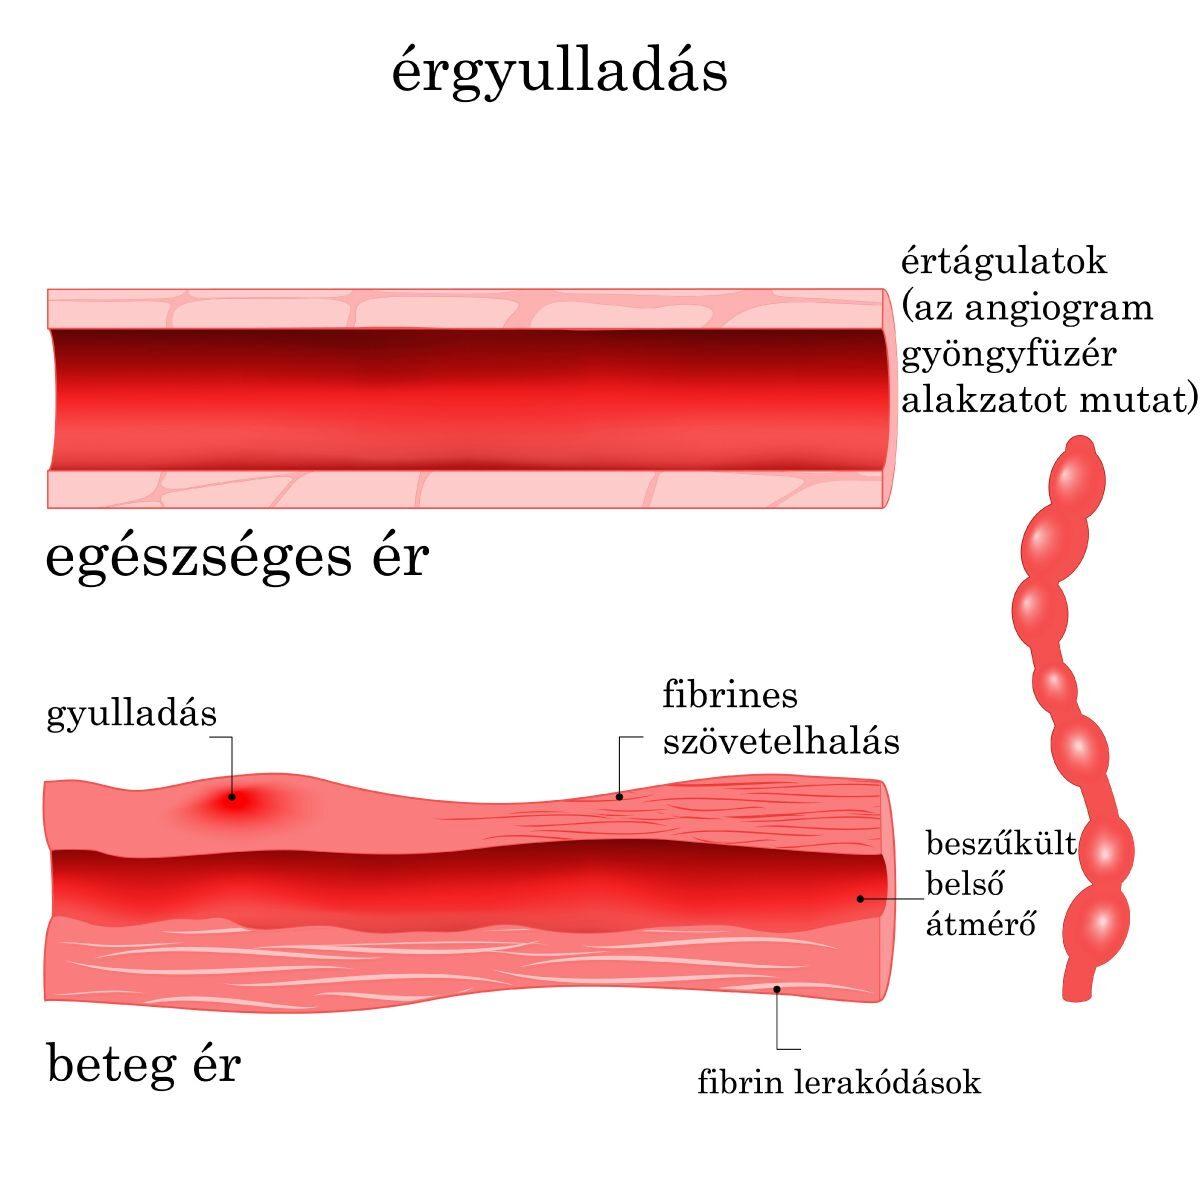 Scleroderma - formák, tünetek (foltok), fotó, kezelés és gyógyszerek - Vitaminok